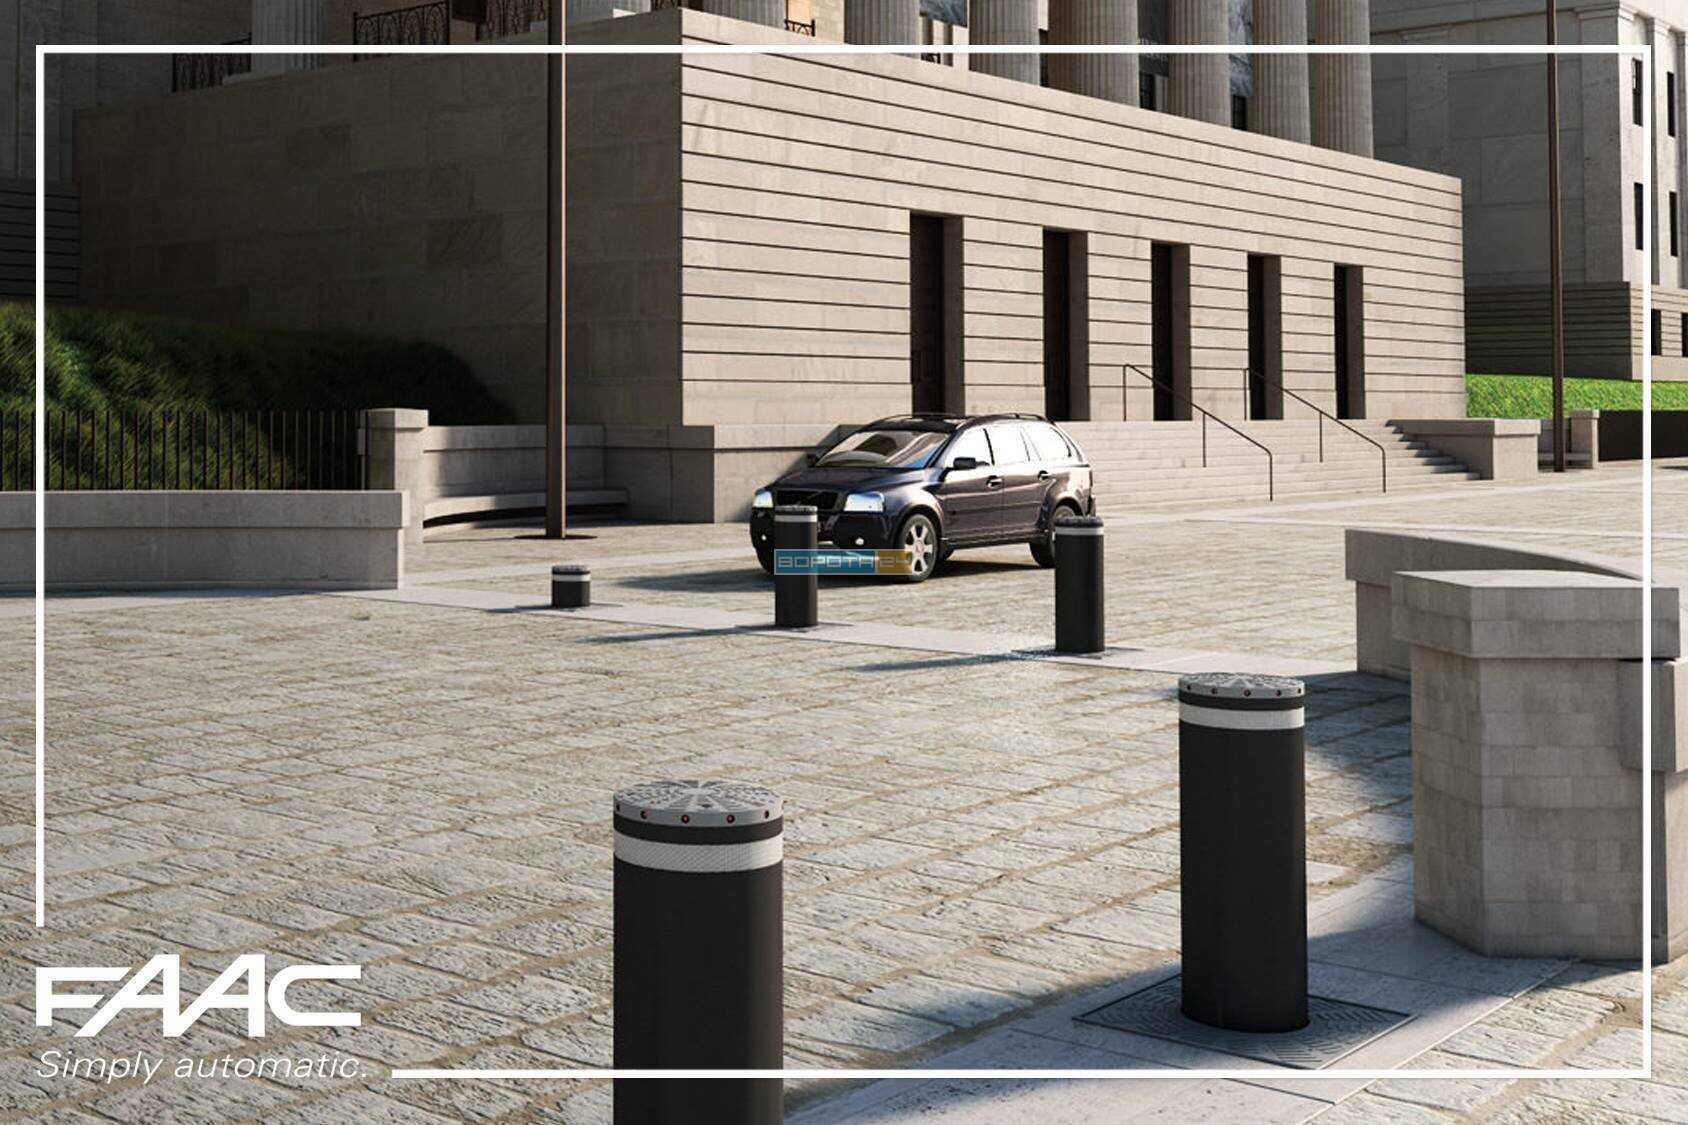 Металлический столб автоматический для парковки и контроля доступа - выдвижные системы FAAC J275 HA V2 Италия